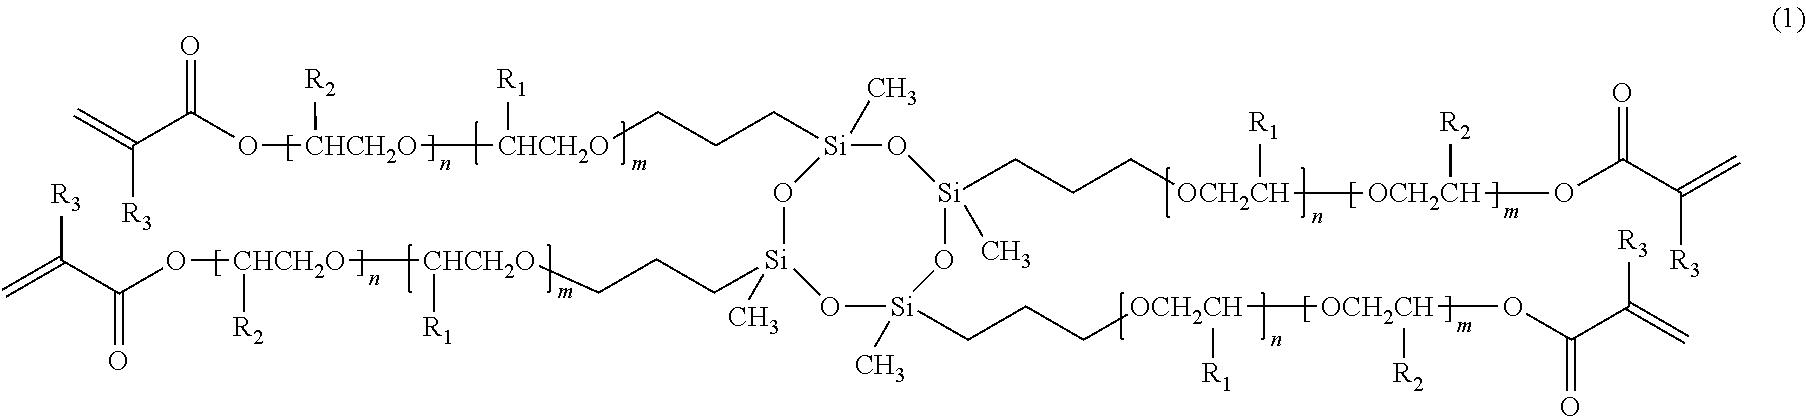 Figure US08124283-20120228-C00001